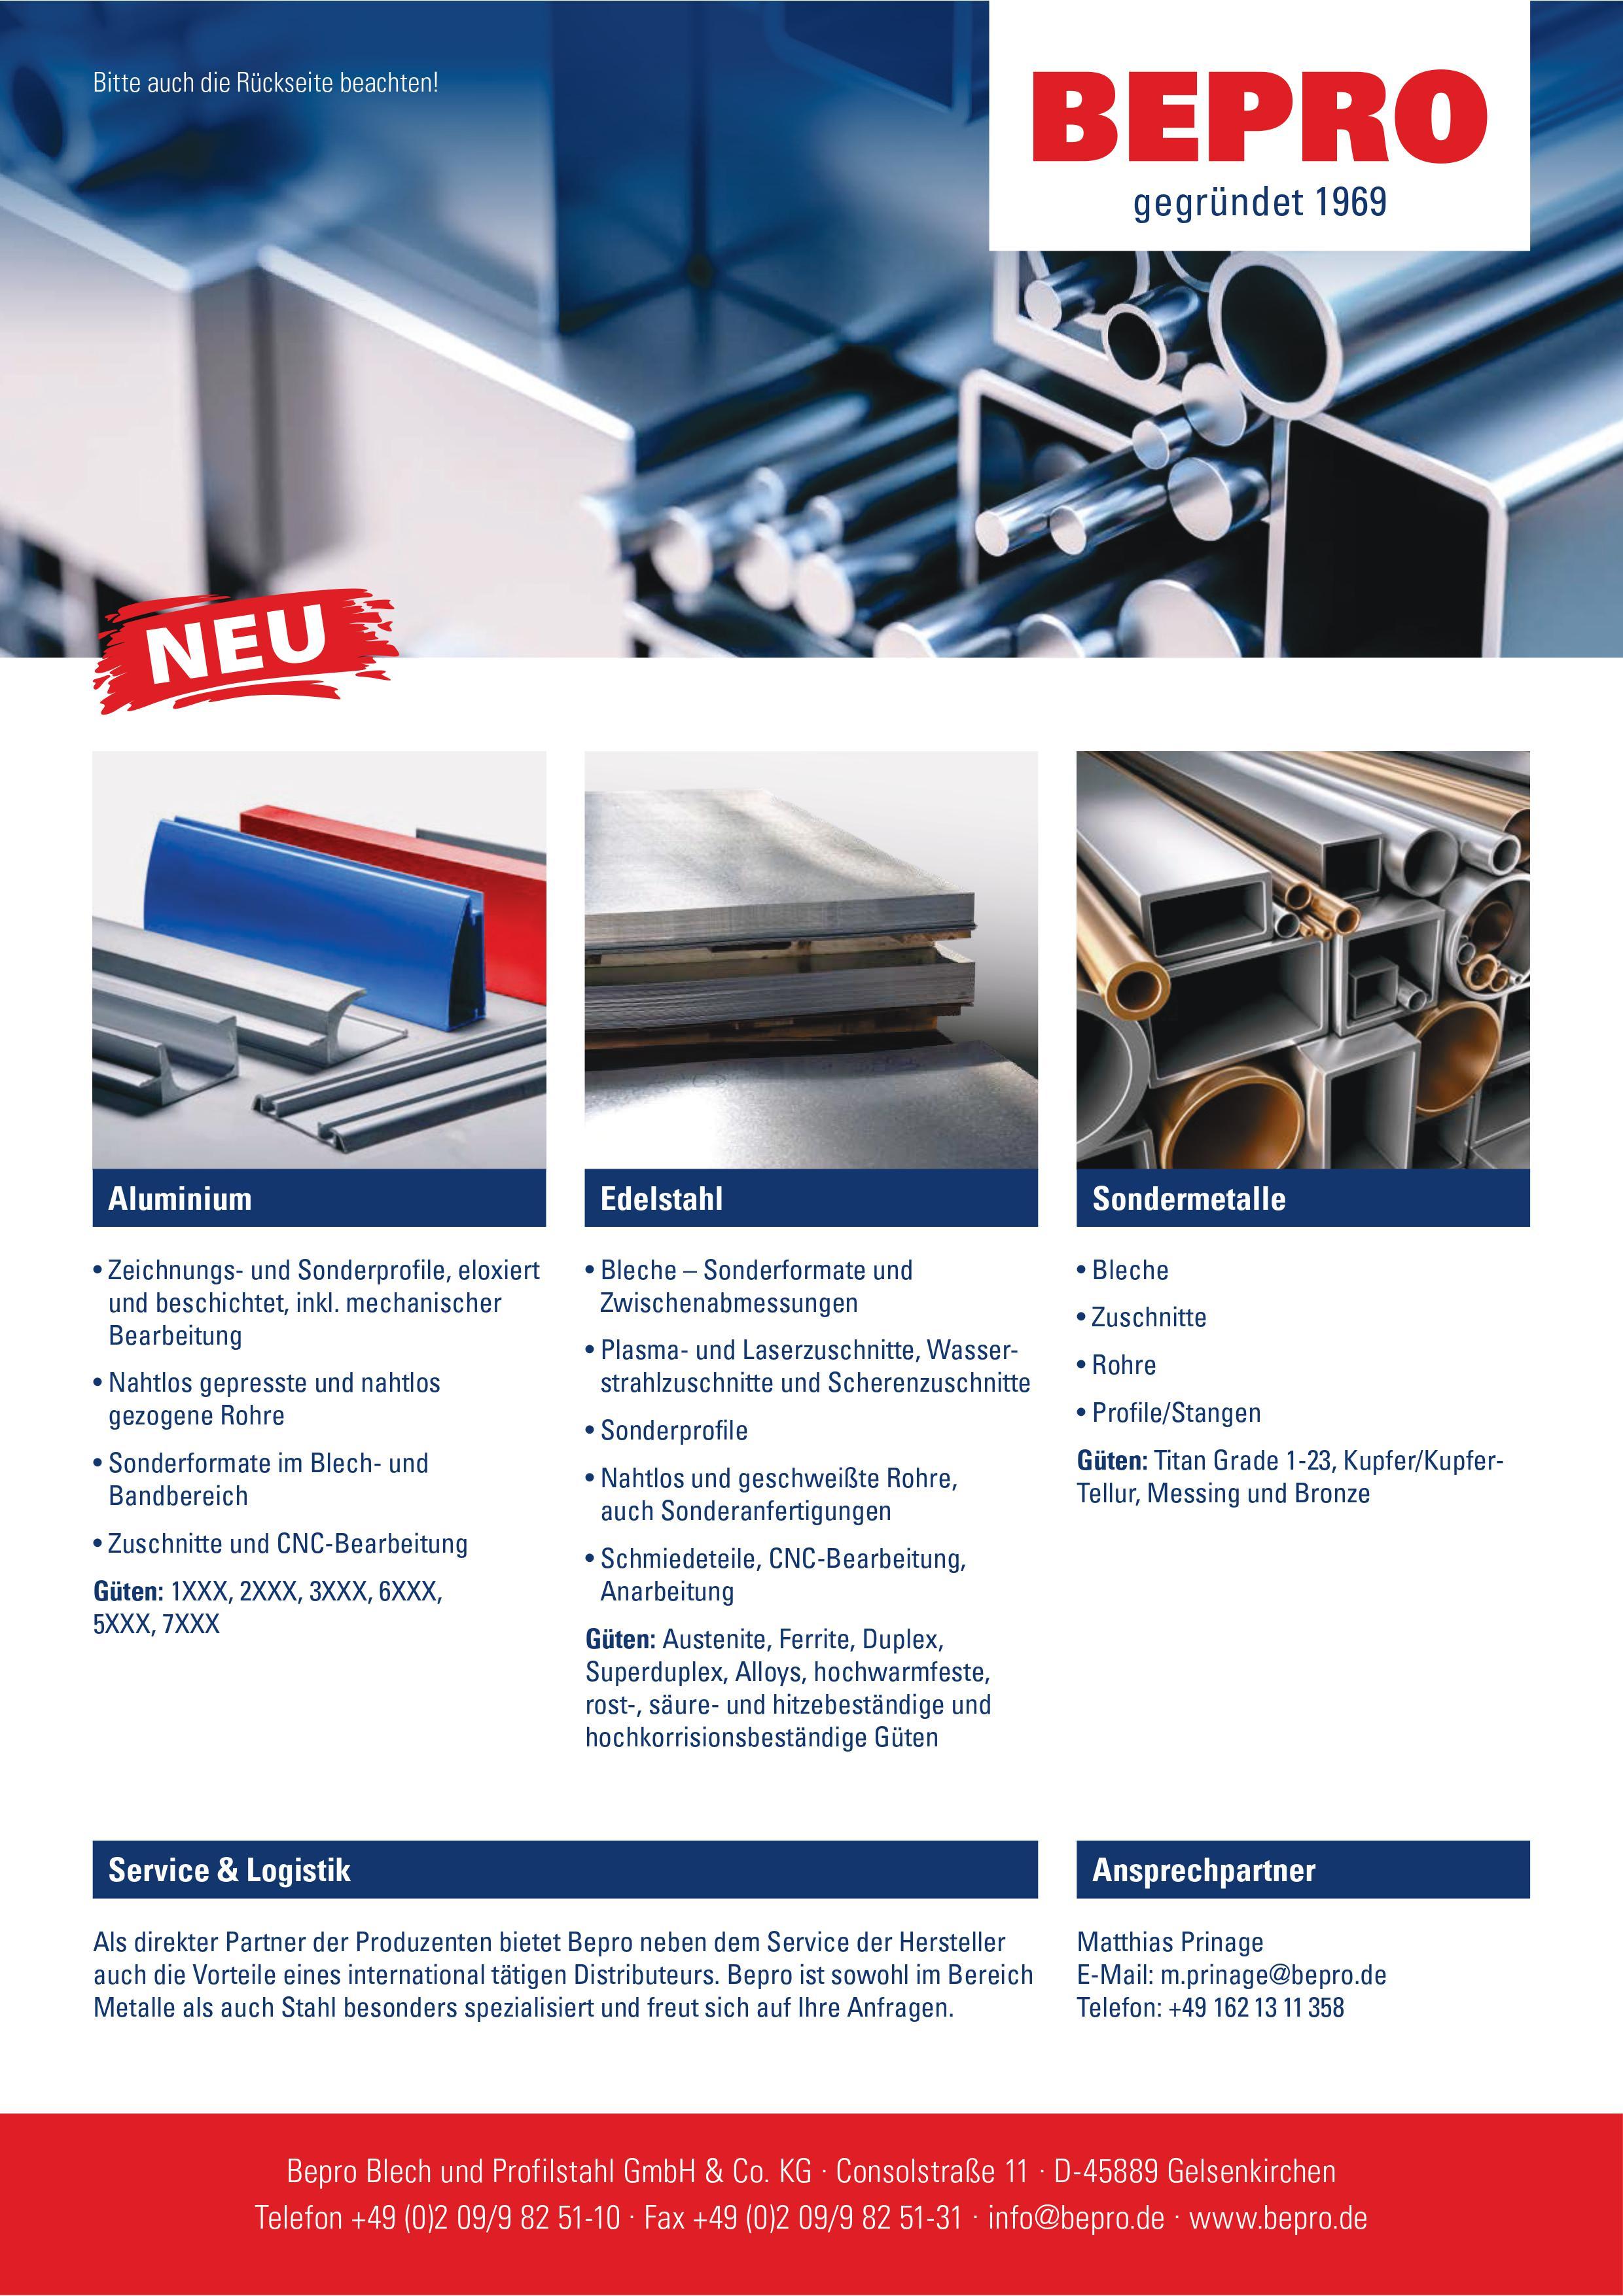 BEPRO Stahlhandel Nichteisenmetalle NE-Metalle Kupfer Nickel Titan Bronze Lieferant